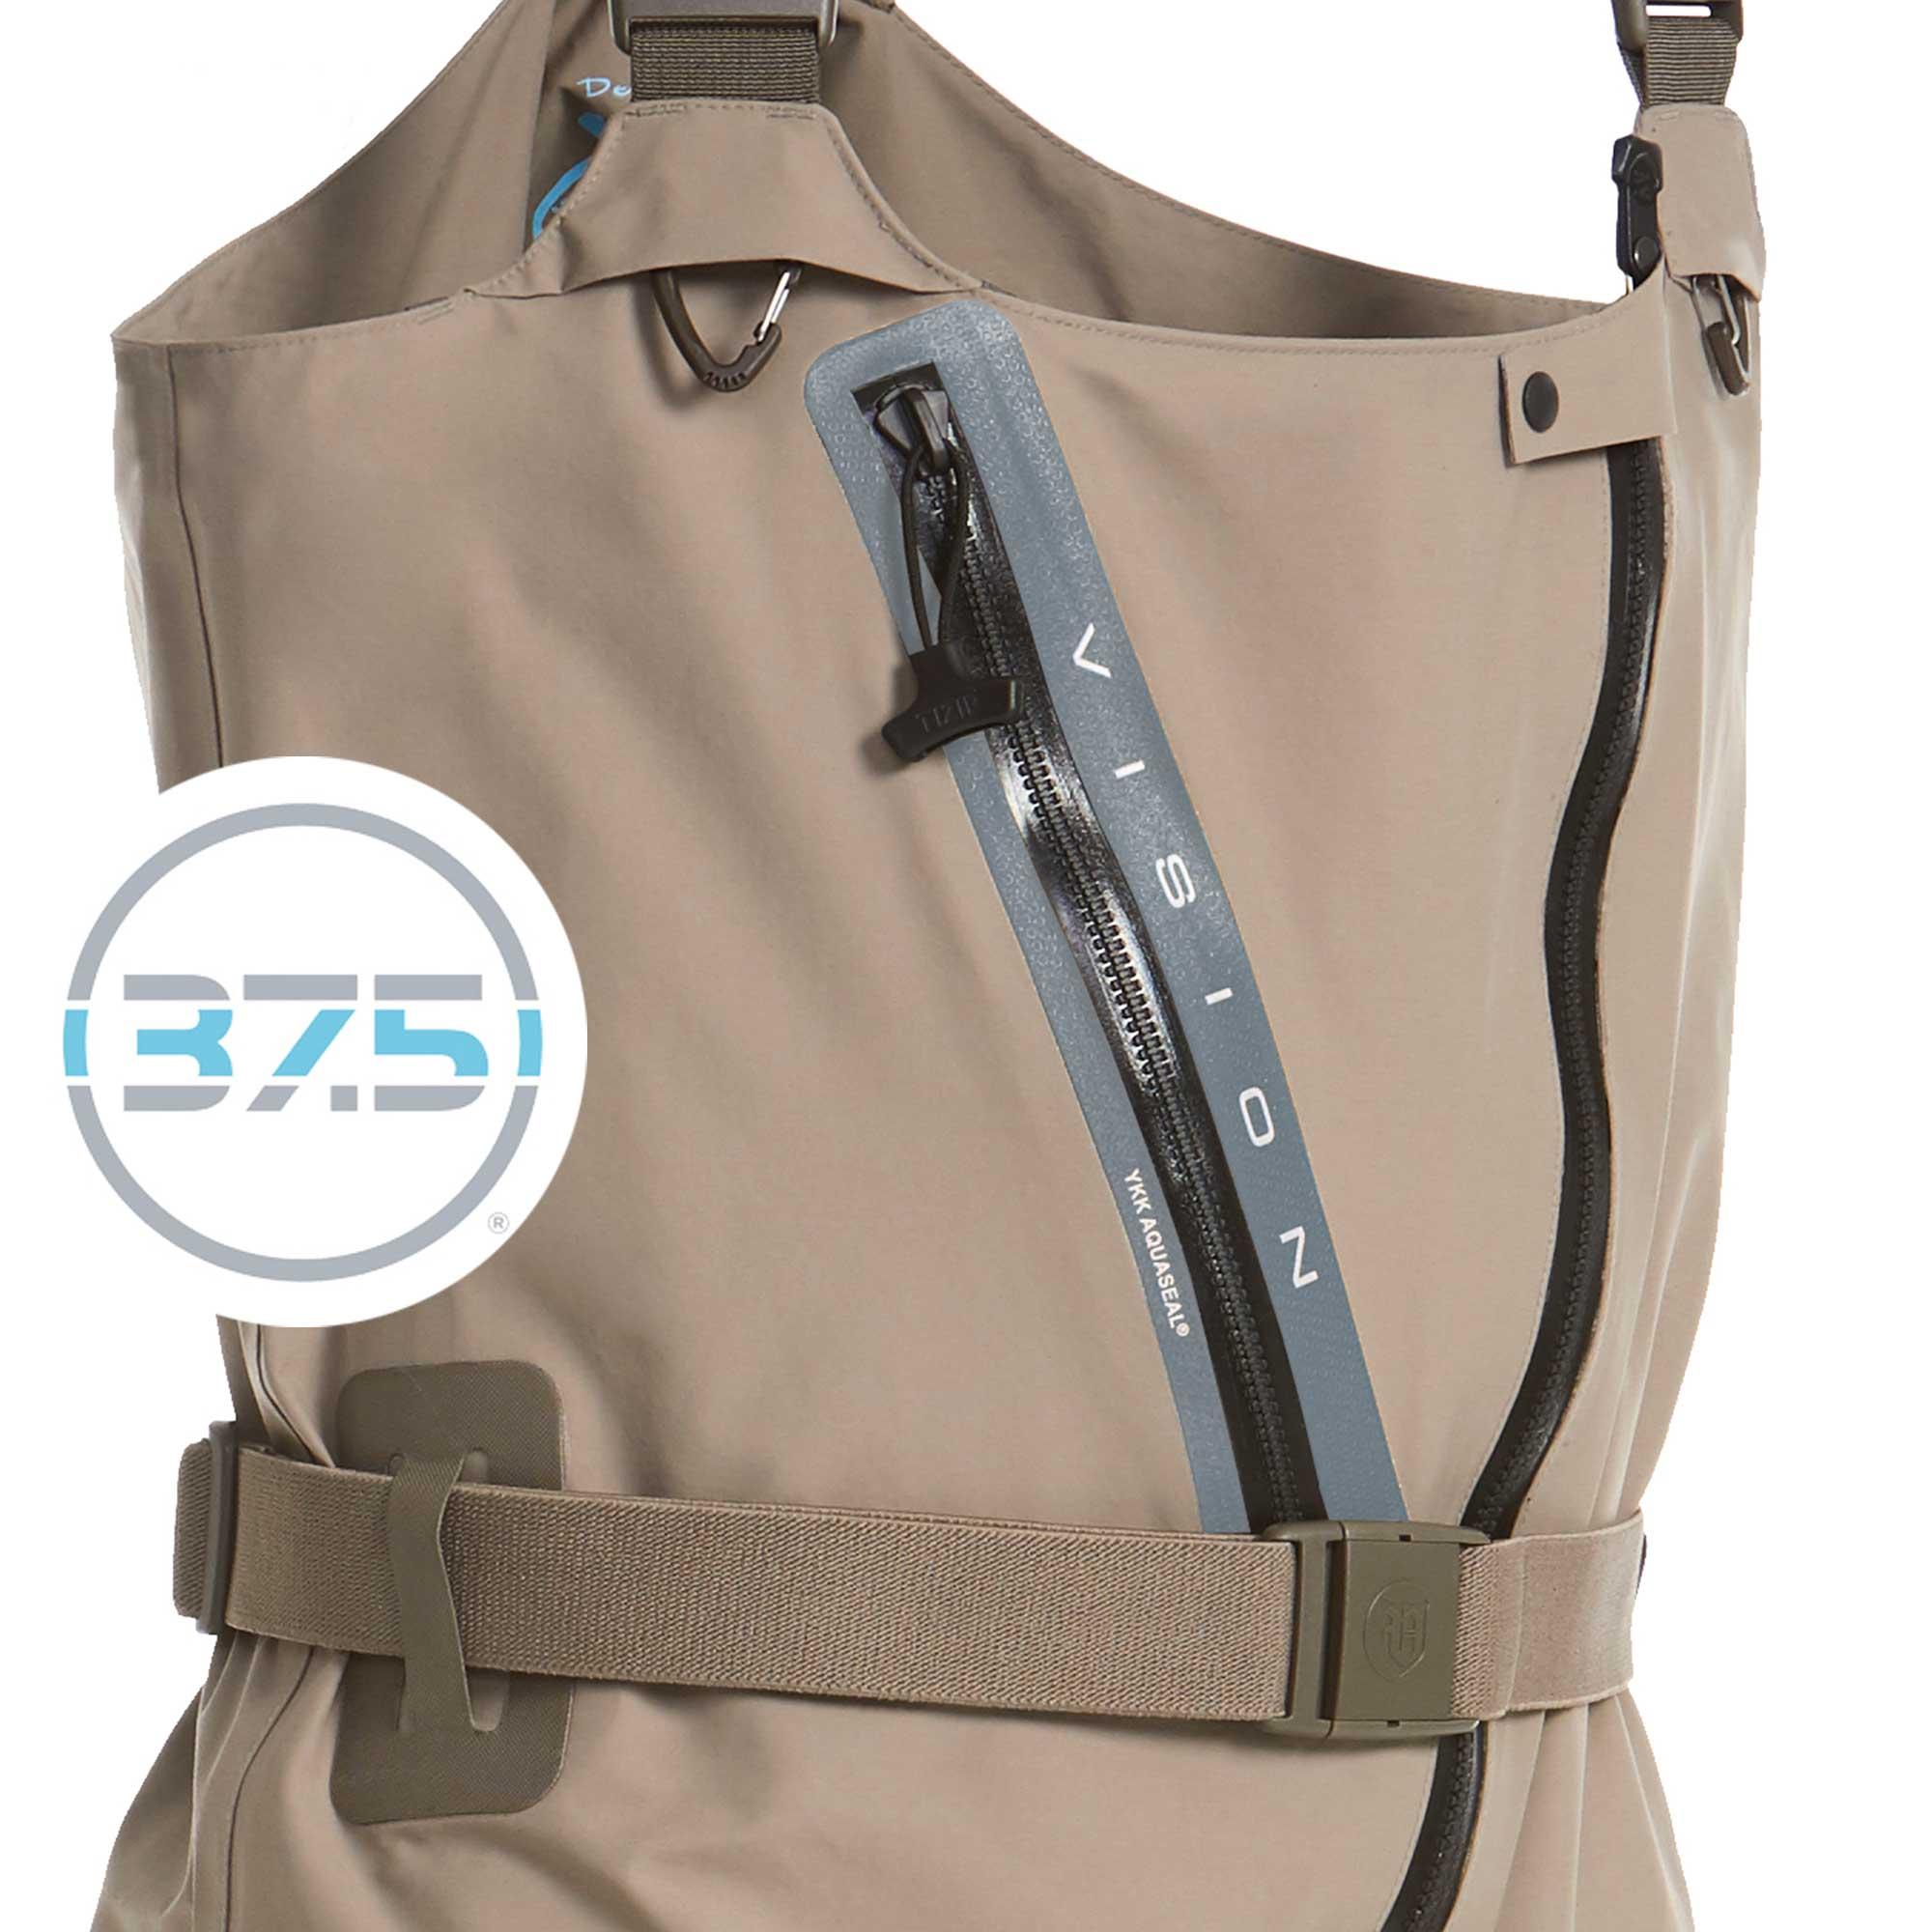 vadeador-vision-scout-2.0-zip-cremallera